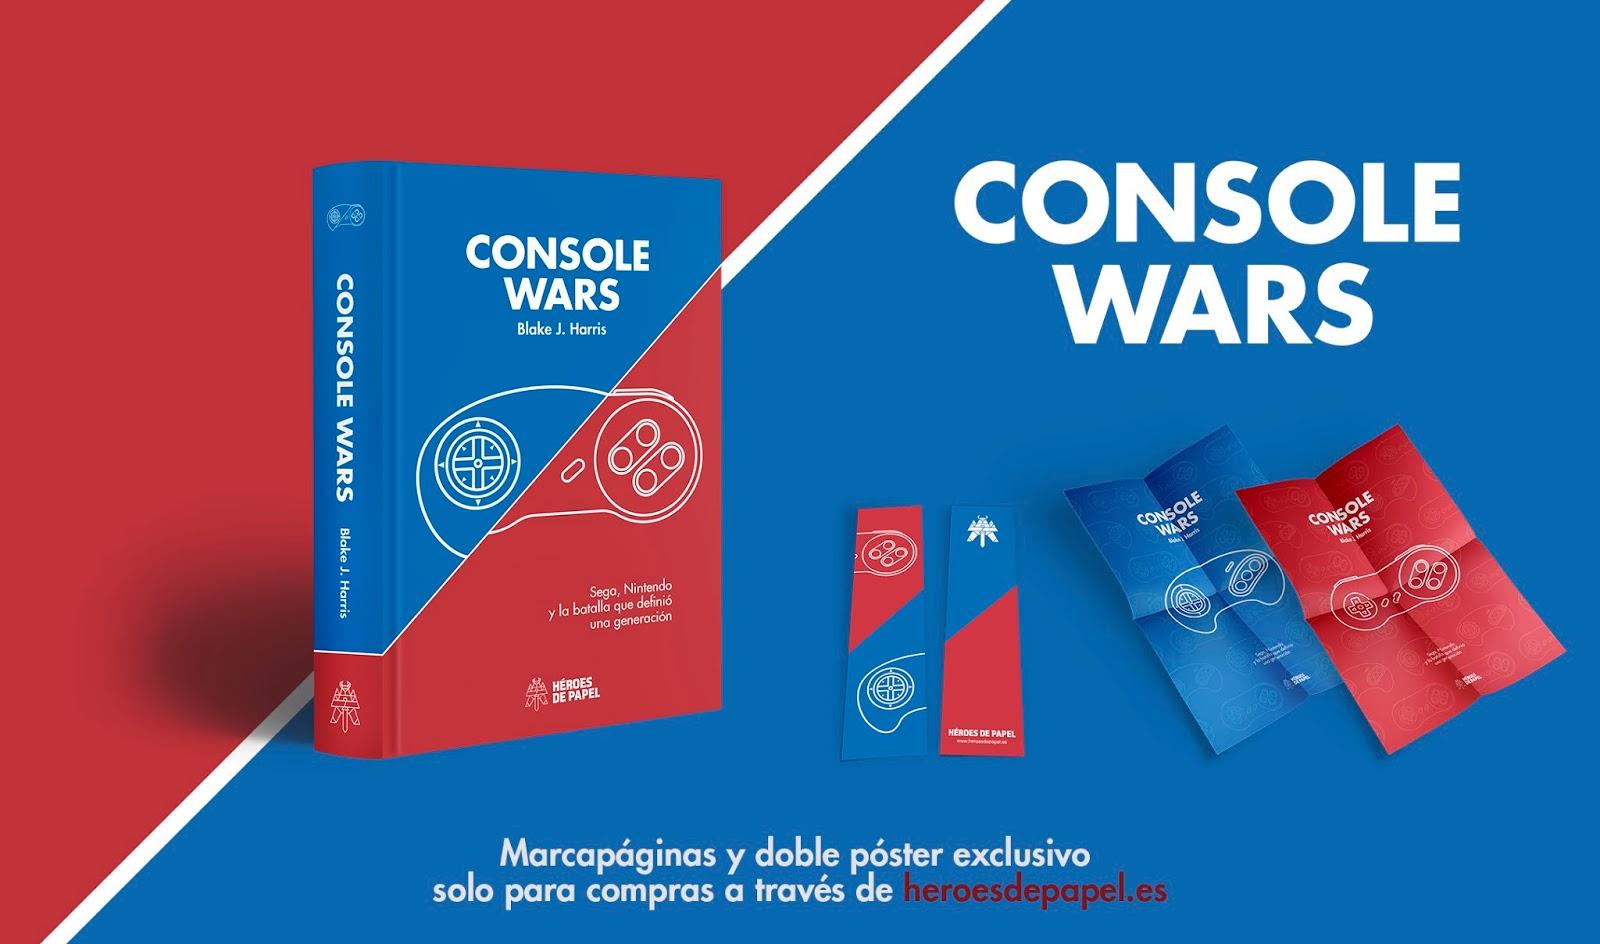 No te quedes sin tu ejemplar de Console Wars, ¡resérvalo y llévate regalos!